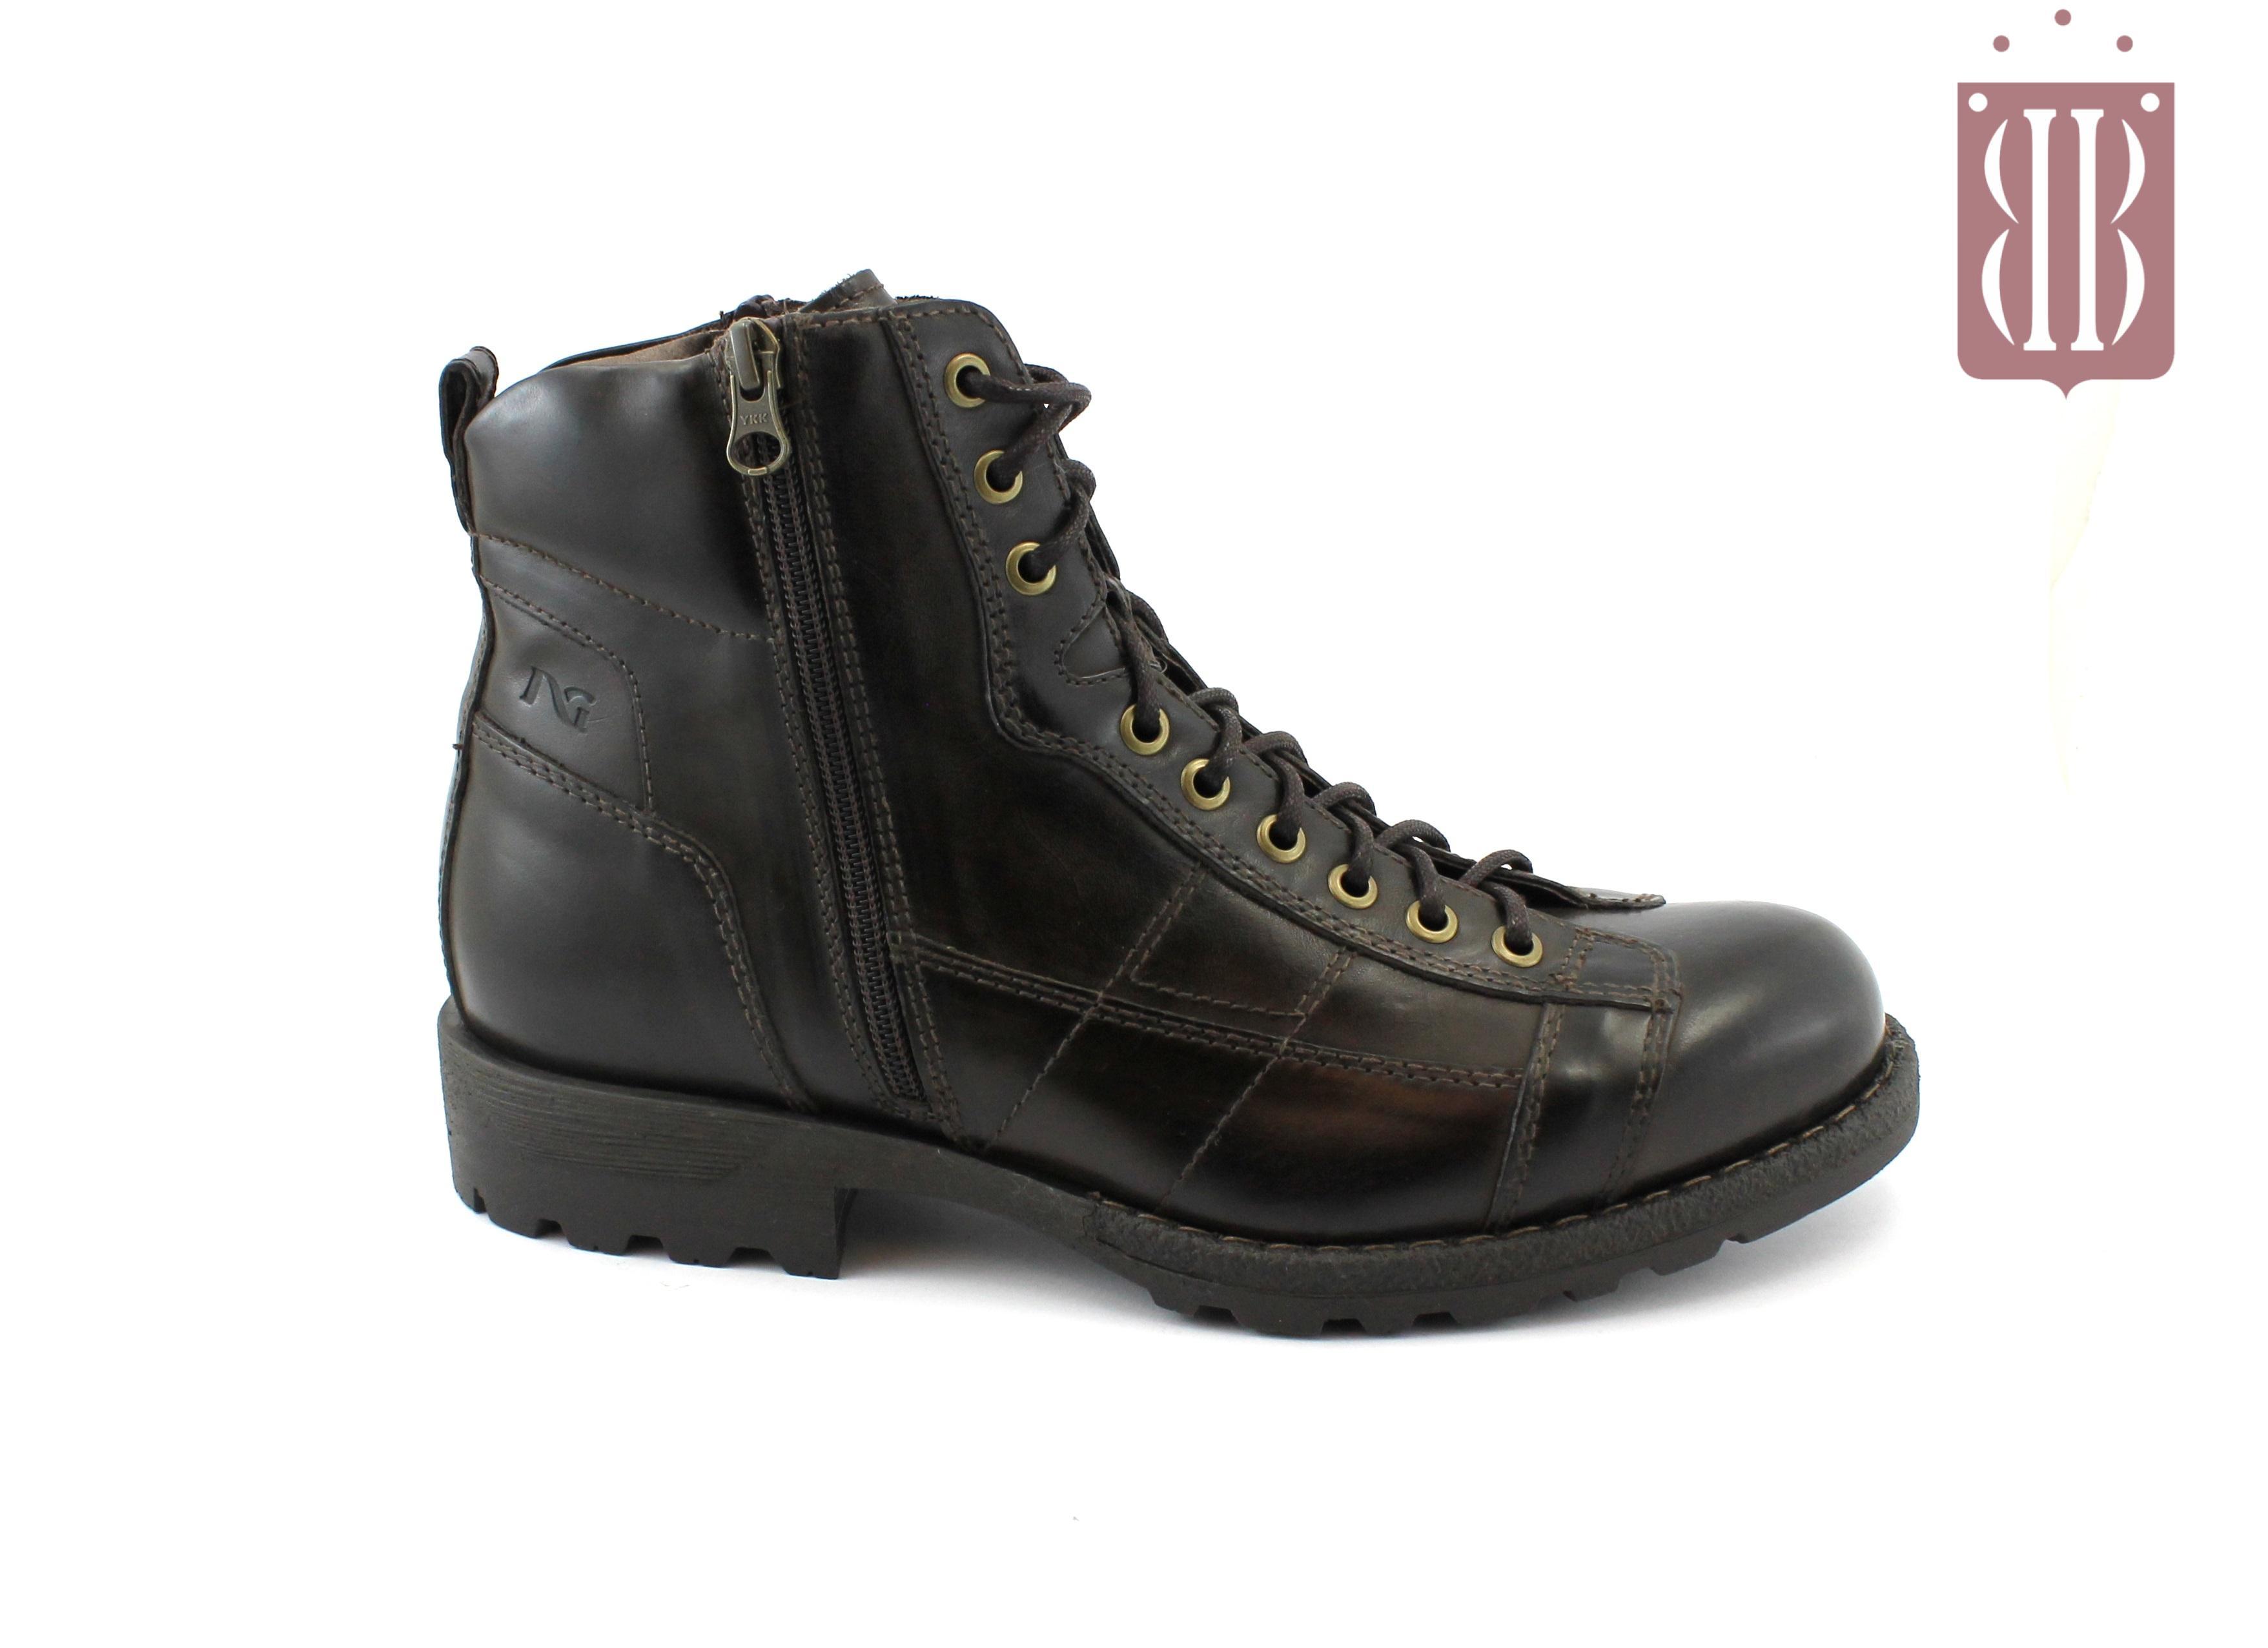 marchi riconosciuti vendita calda reale migliore vendita NERO GIARDINI 640 t. moro scarpe uomo stivaletti scarponcini tipo anfibio  zip lacci